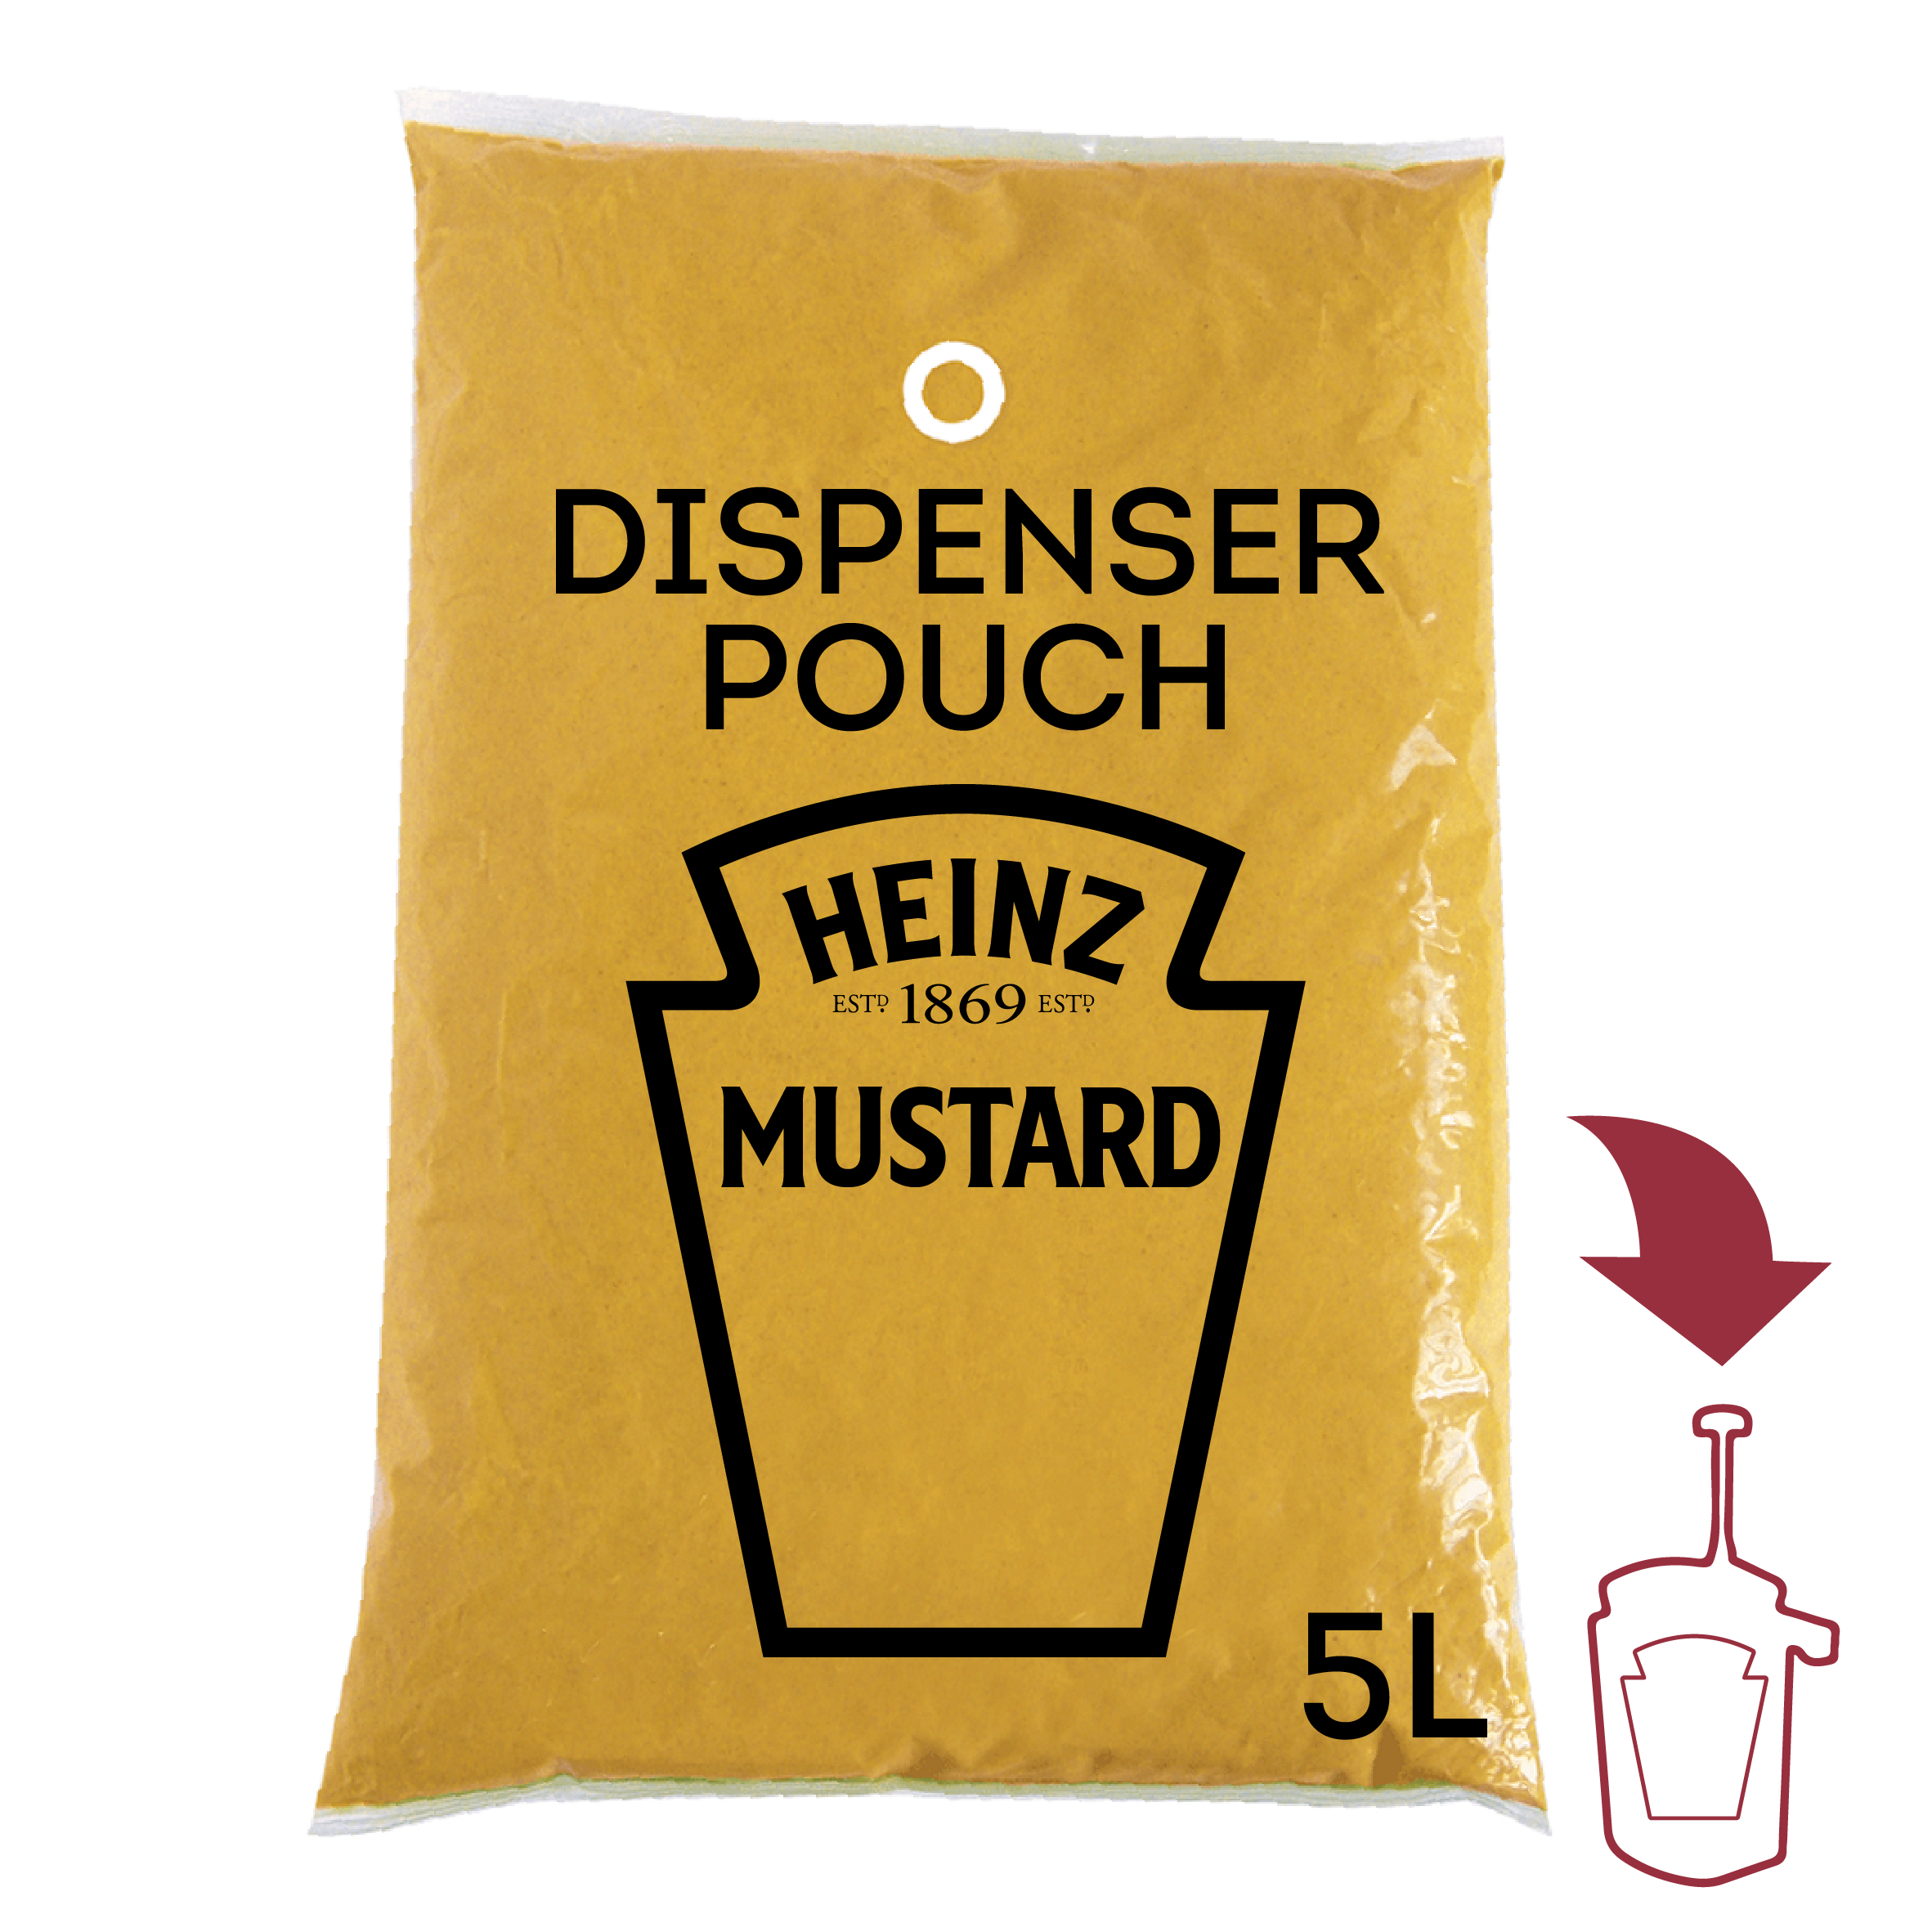 Musztarda Heinz 5L dyspenser image